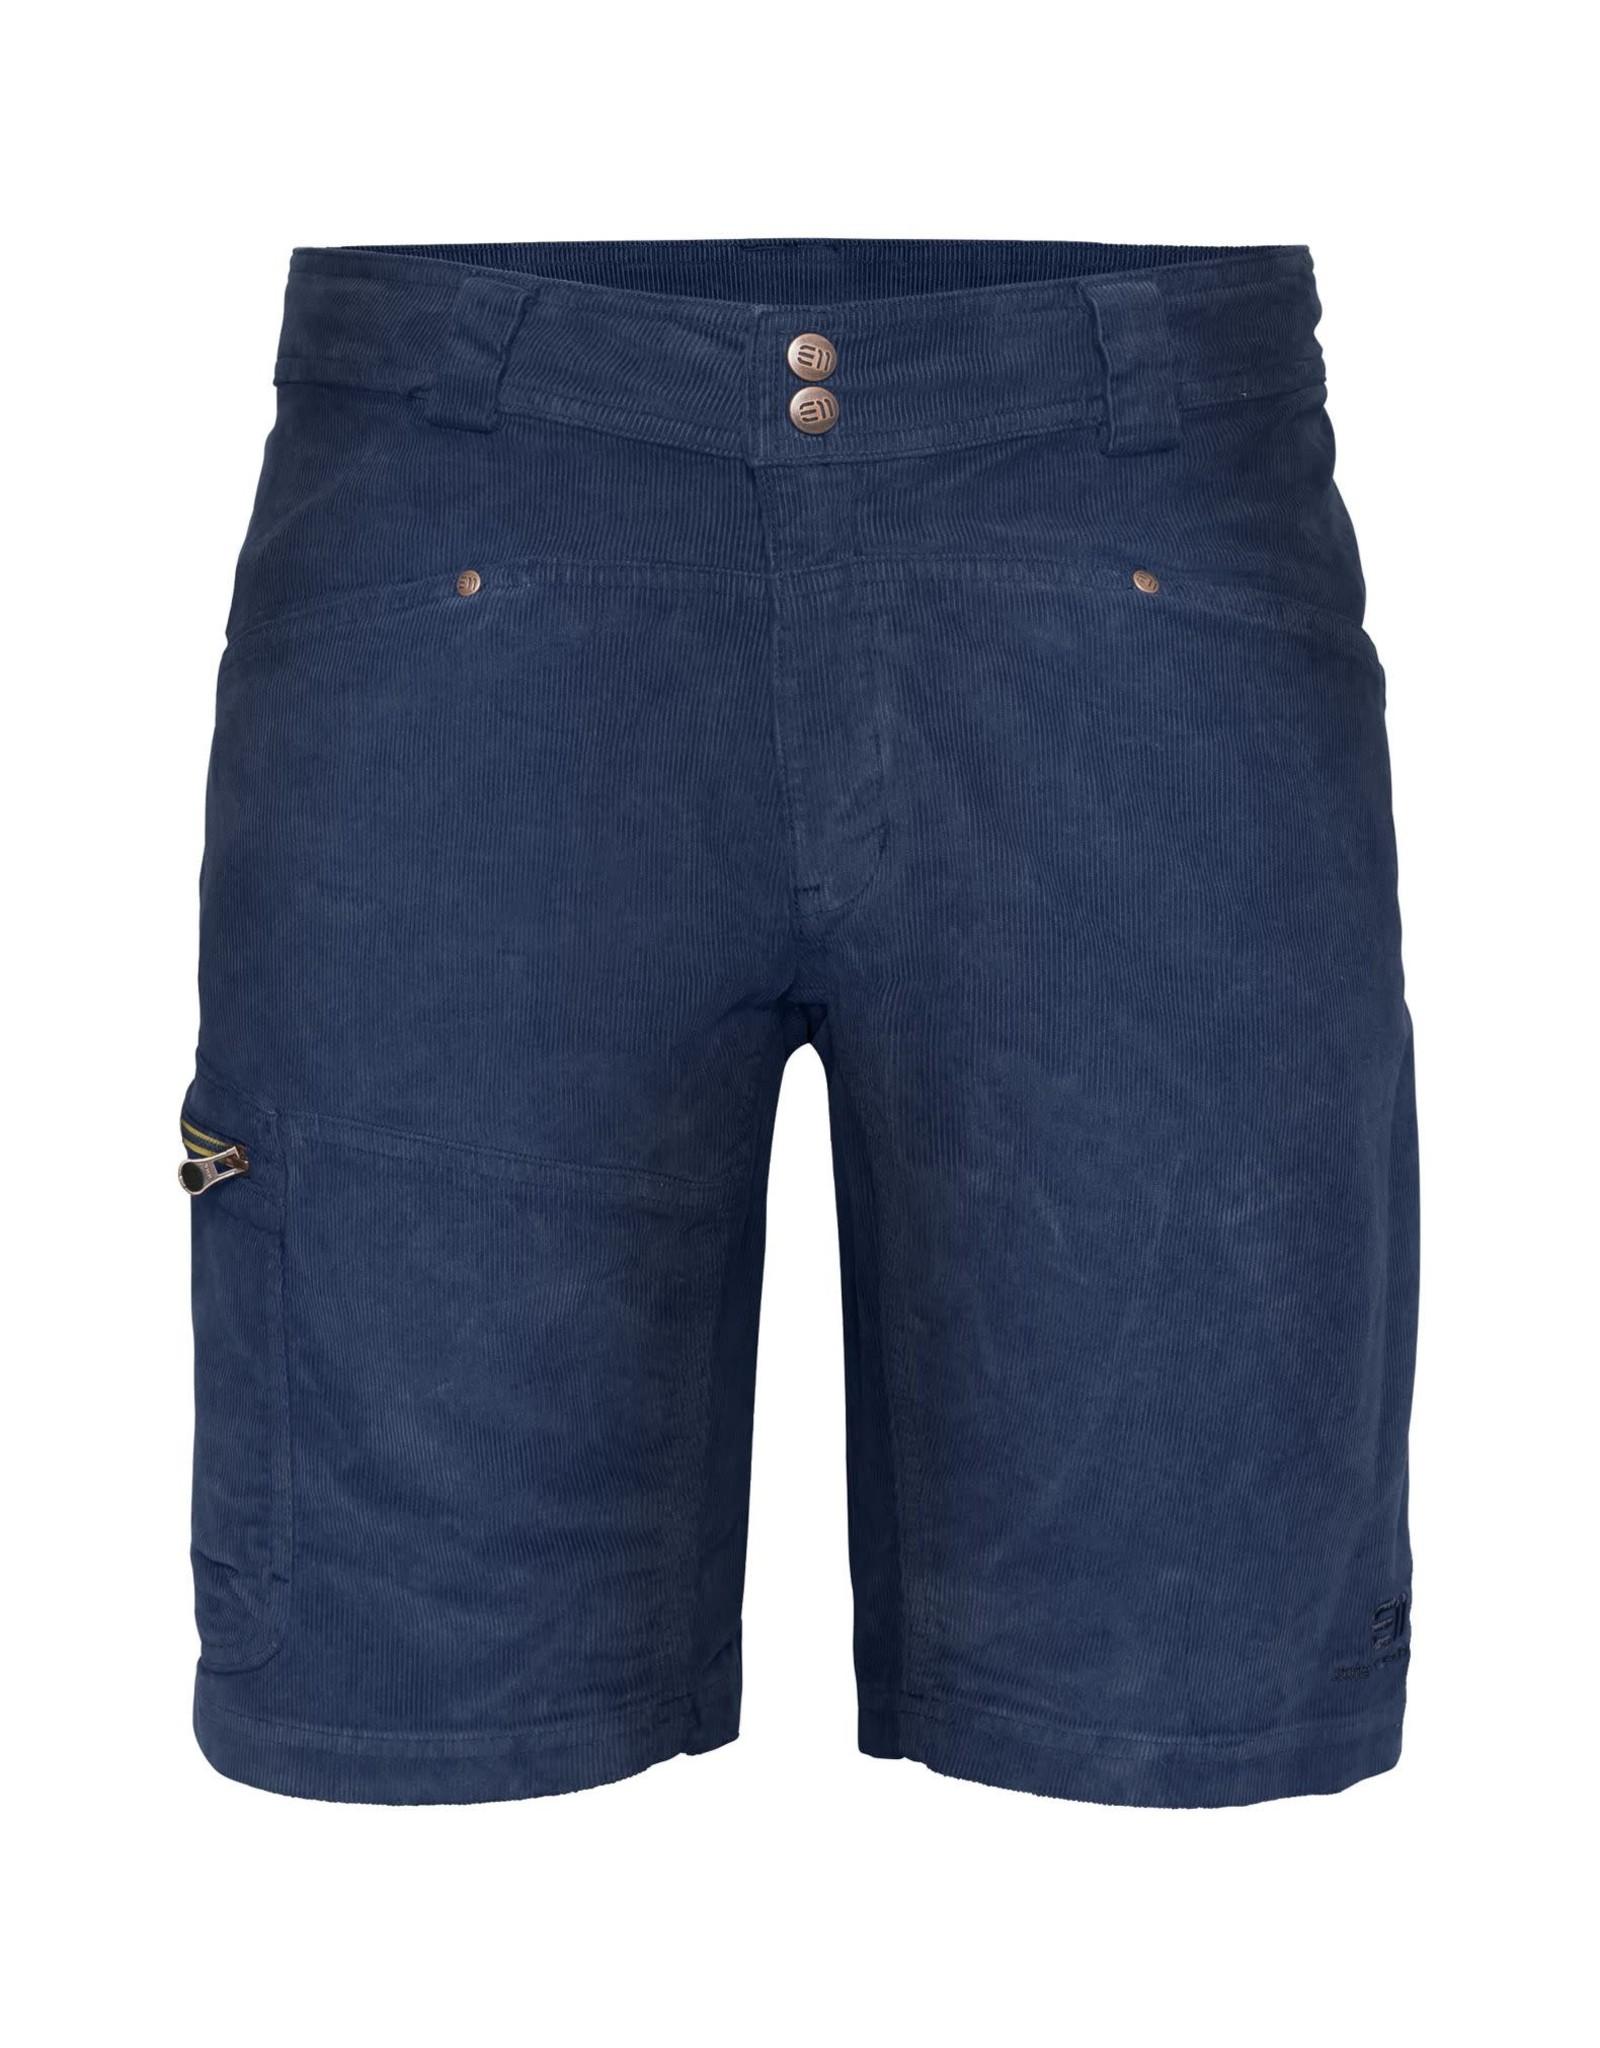 Elevenate Apres Cord Shorts